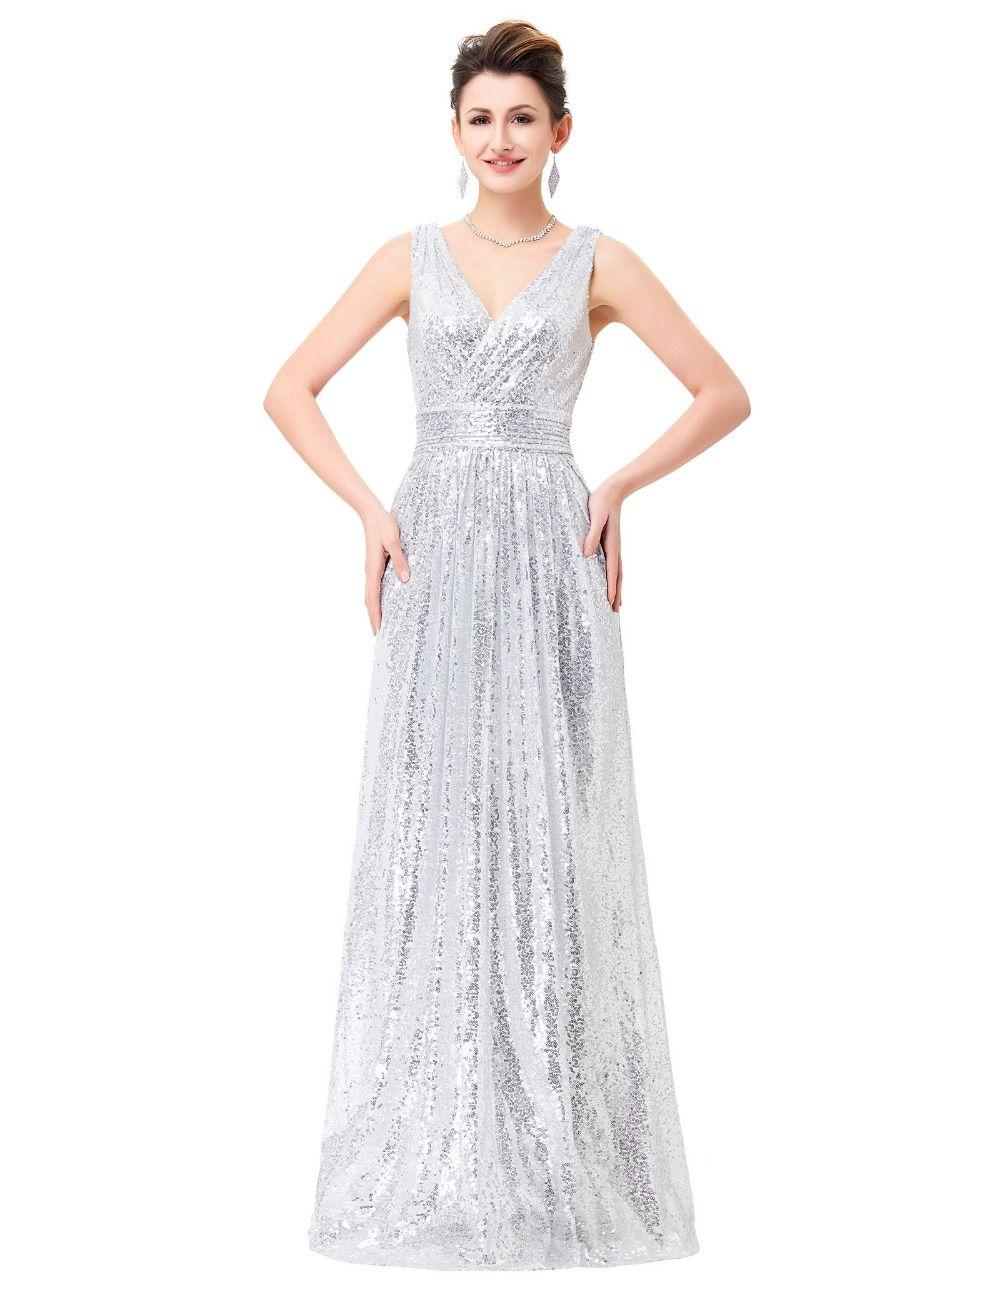 58bebb5ba Encontrar Más Vestidos de Noche Información acerca de Luz de plata oro rosa  de oro vestidos noche 2016 Sexy cuello en V una línea de lentejuelas Gala  Dress ...